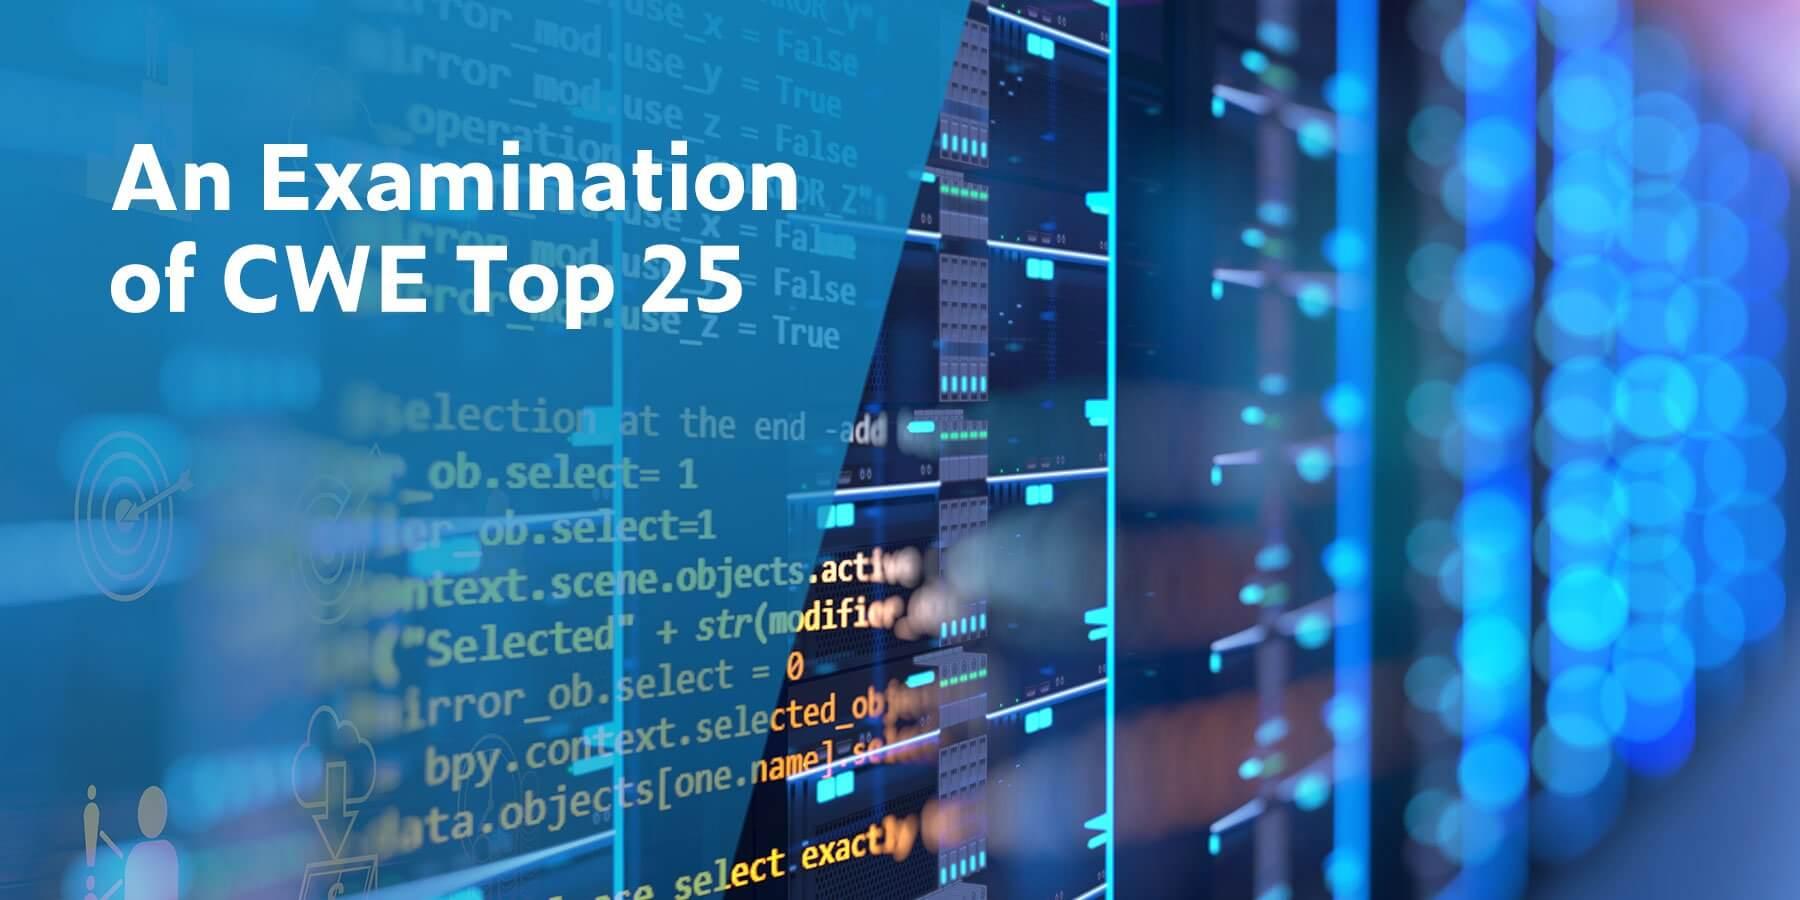 Una descripción general de las últimas actualizaciones de CWE Top 25 y On the Cusp